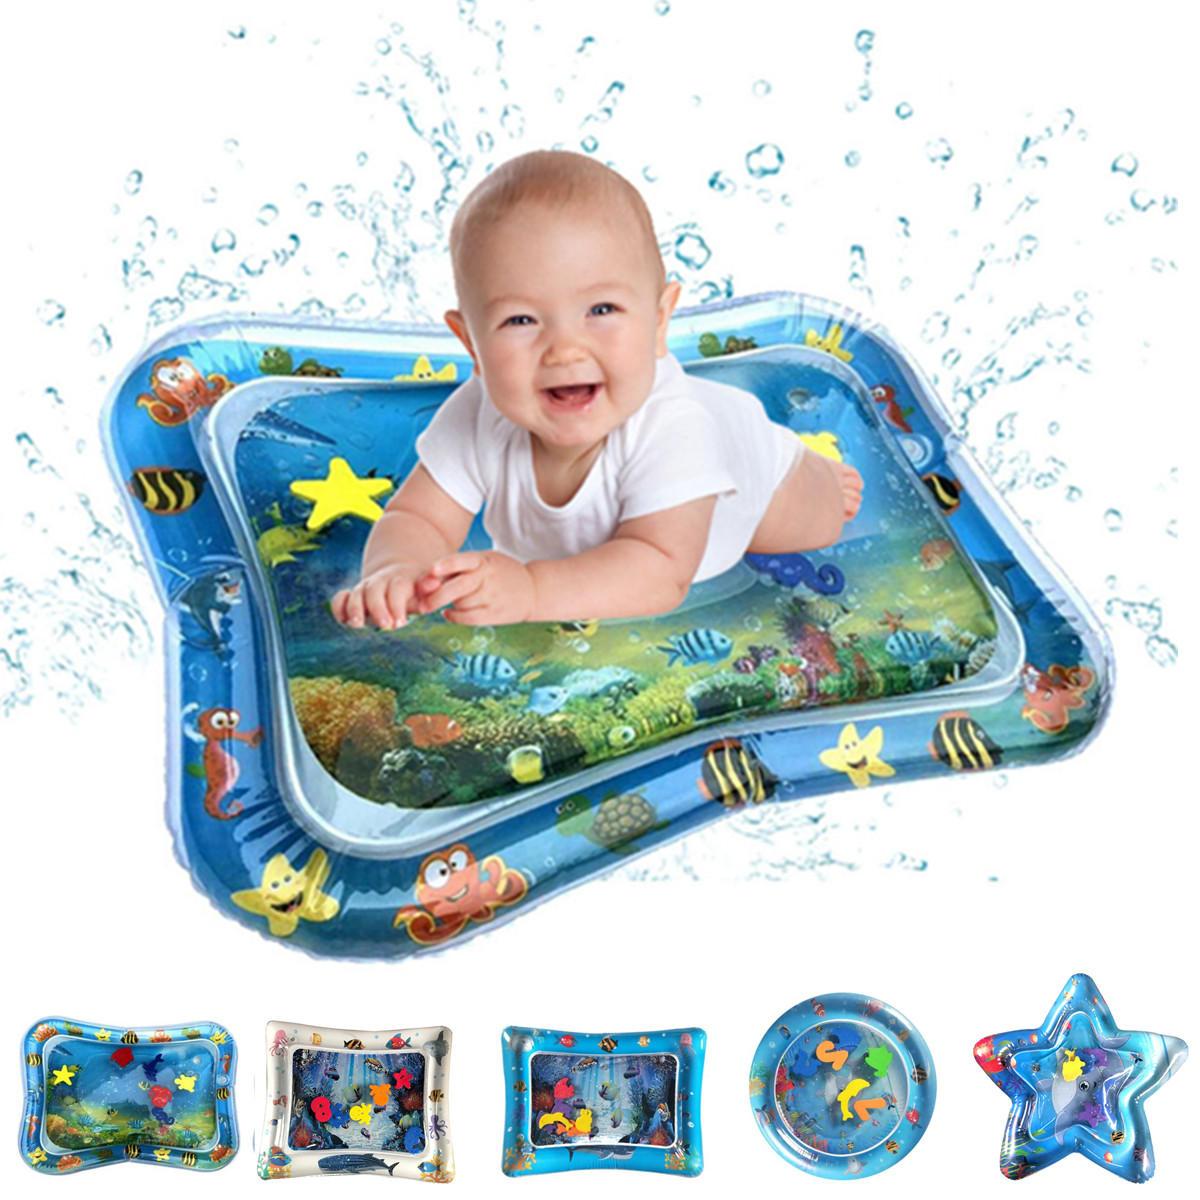 Pvcインフレータブル水泳エアマットレスウォータークッション赤ちゃん子供幼児幼児おなか水遊び楽しいおもちゃアイスマットパッド